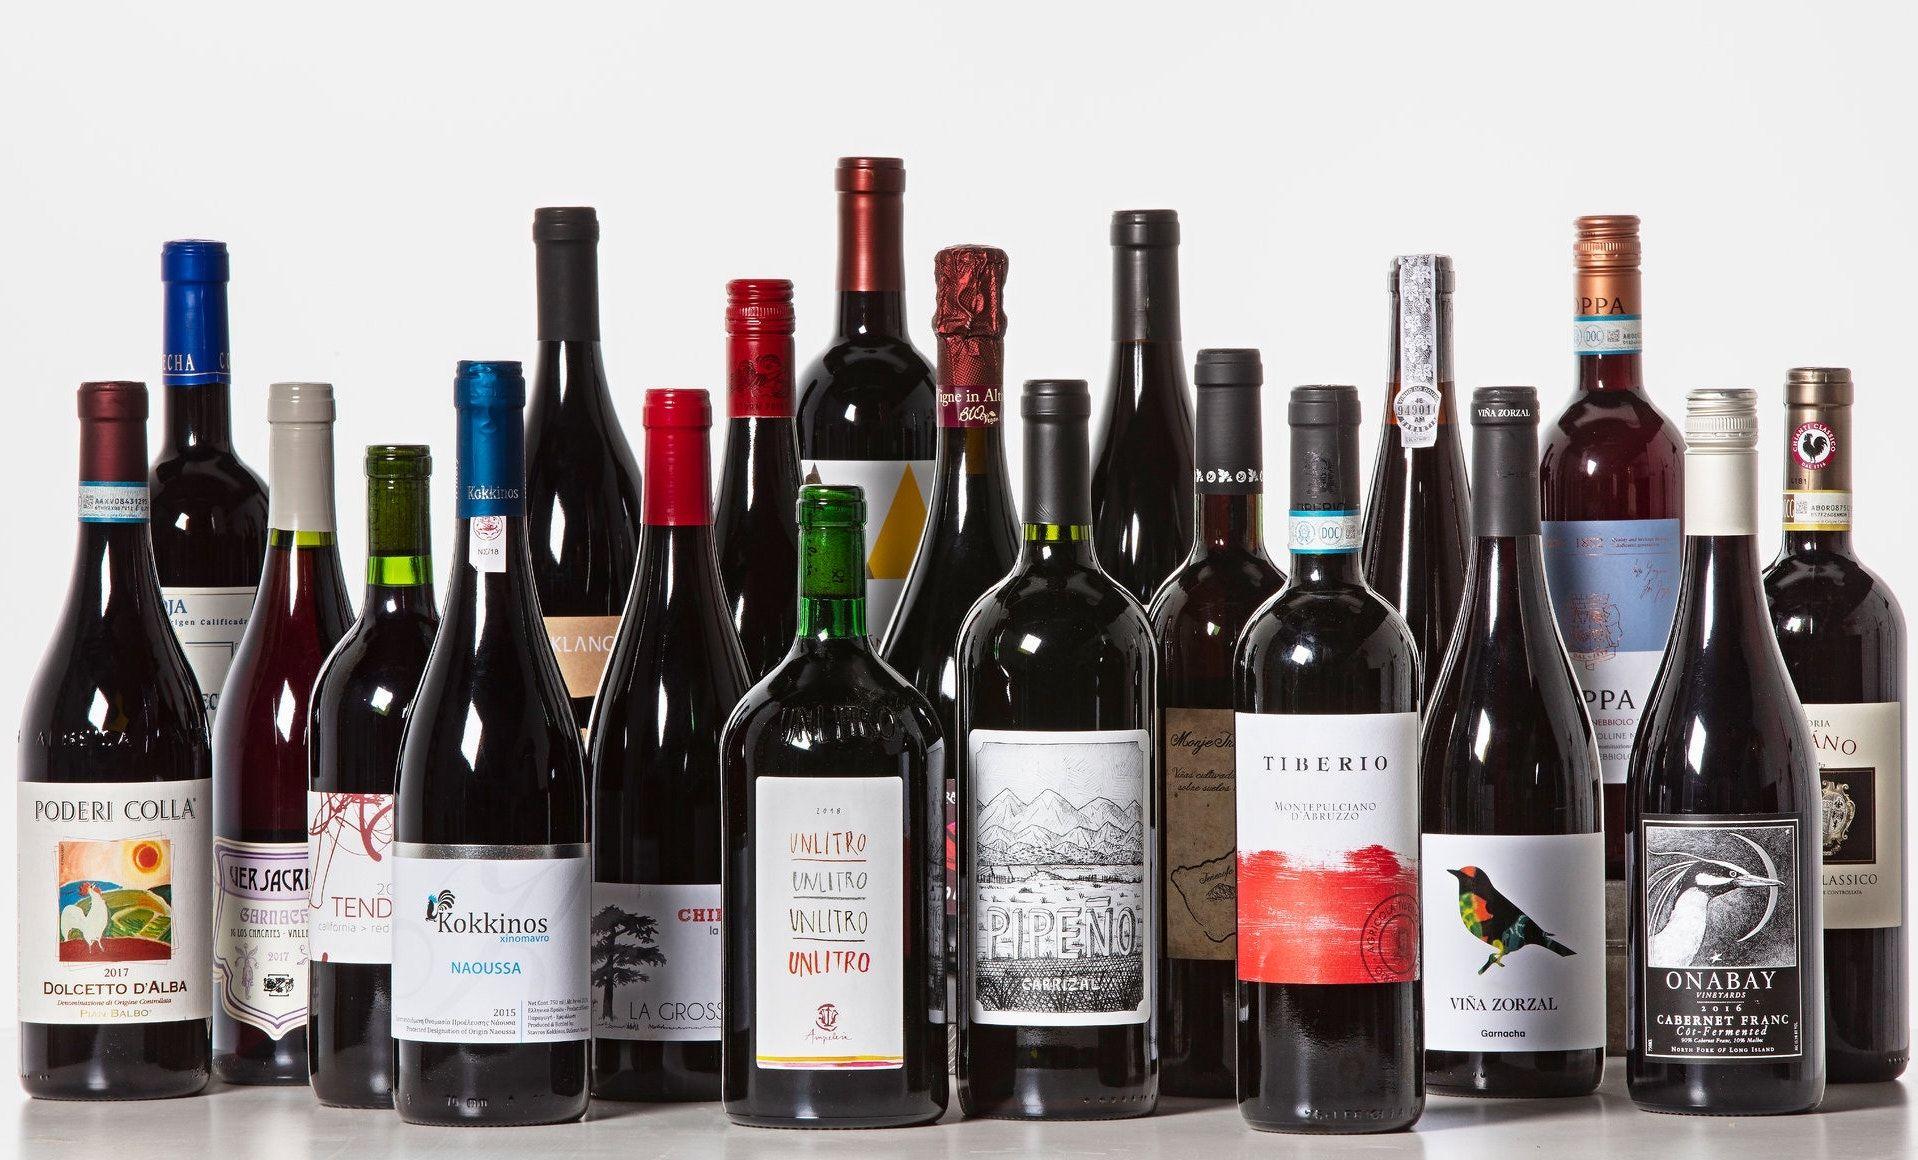 WINE - Venti vini straordinari a meno di 20 euro - FOTO